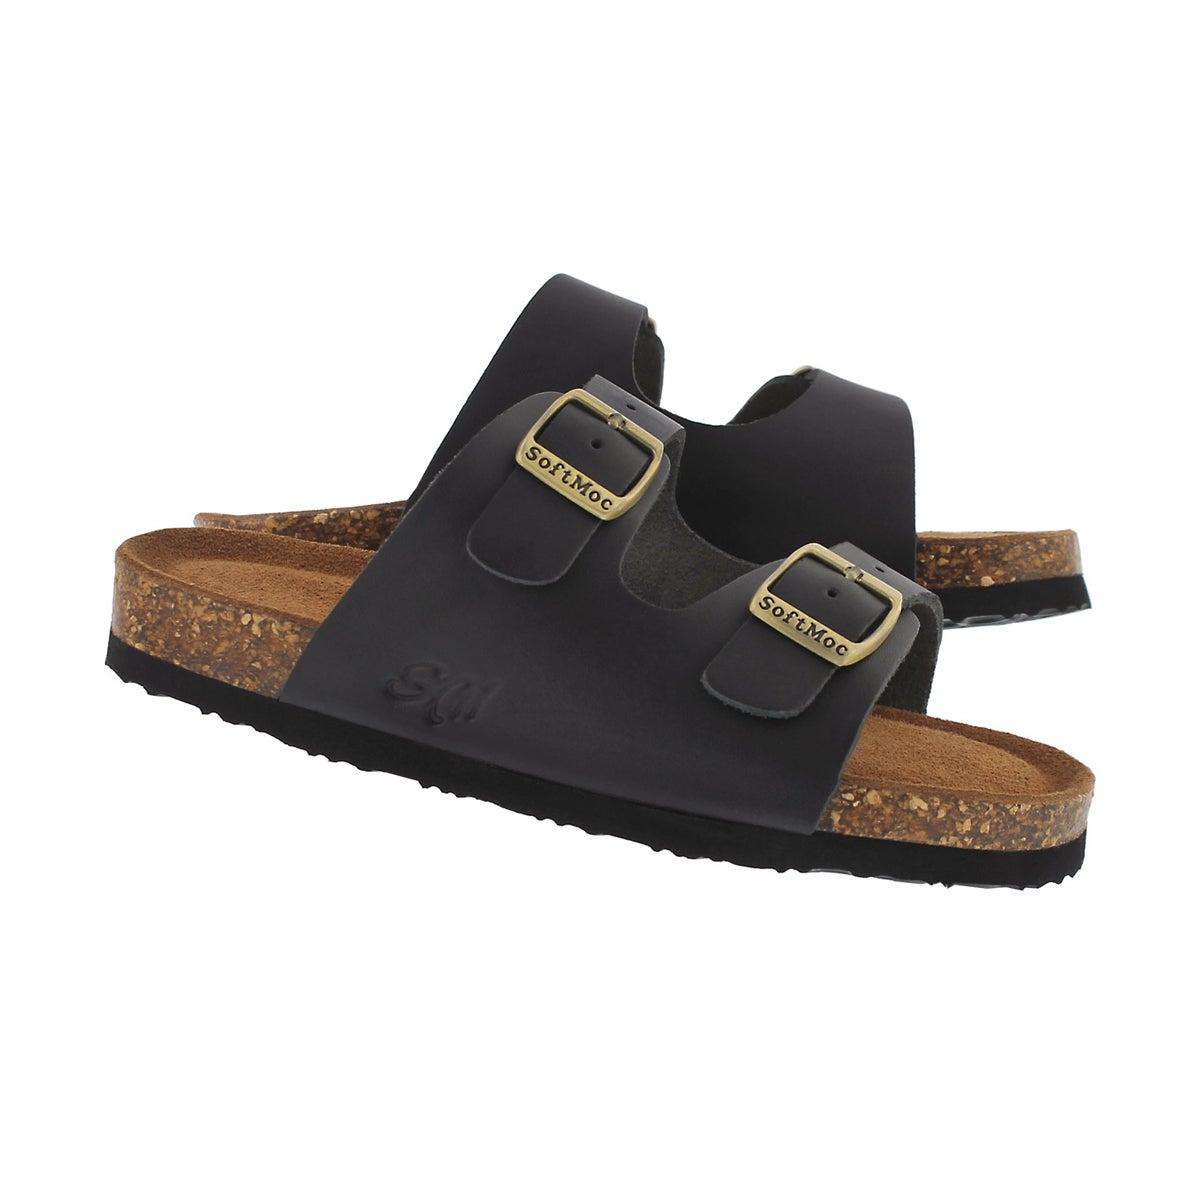 0ddbe799473 Kids' ALBERTA 5 black memory foam sandals